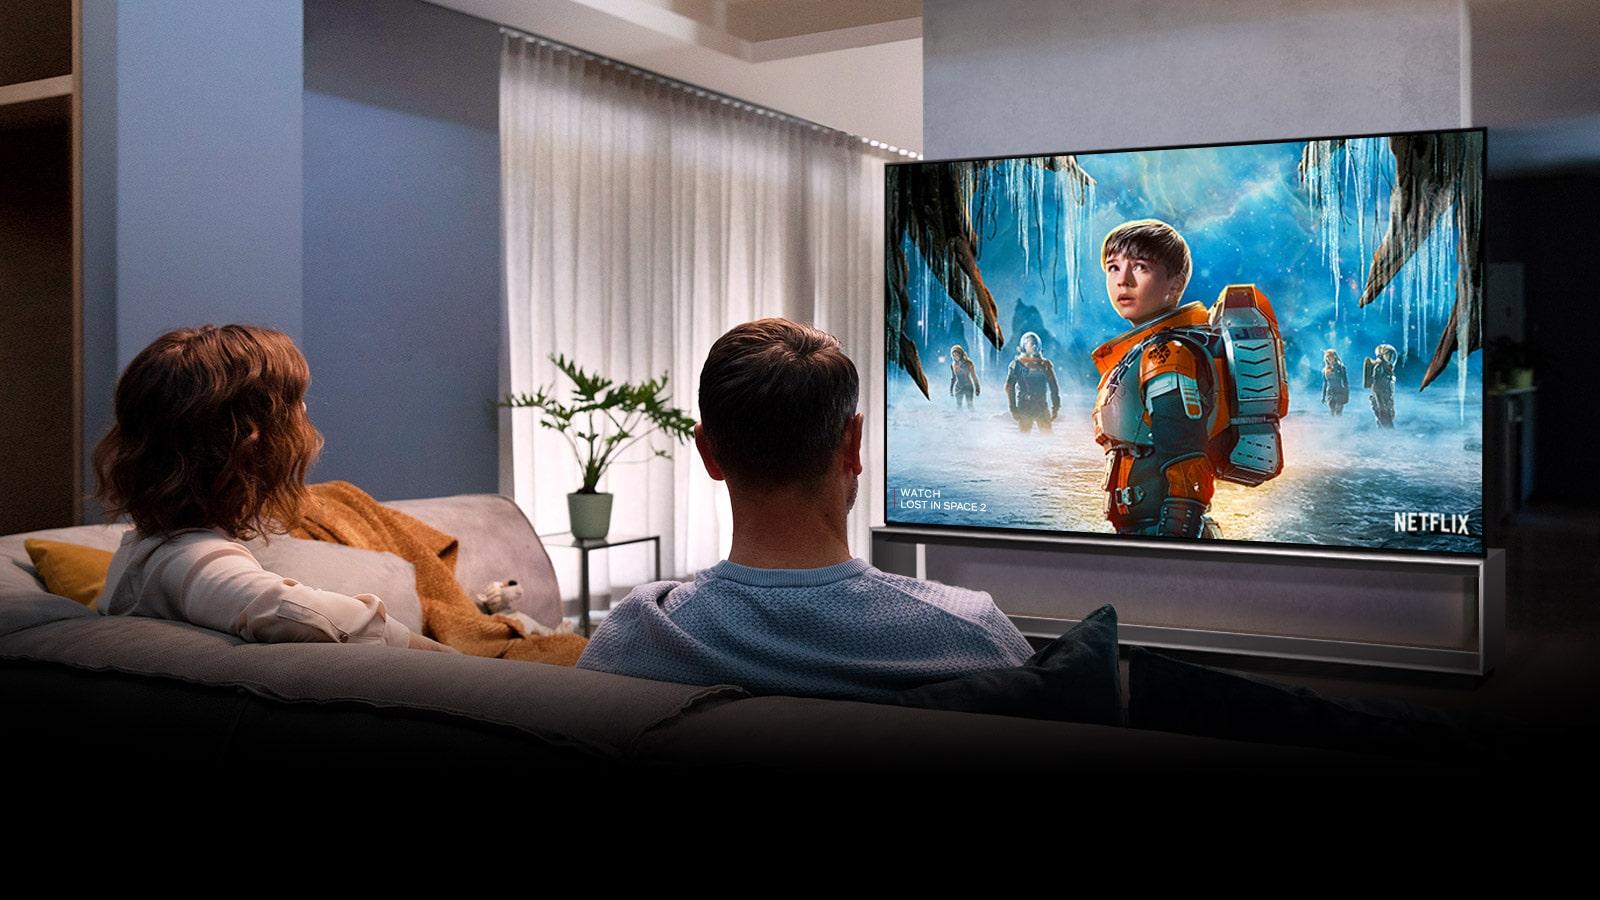 Par sedi na kavču v dnevni sobi in gleda televizijo serije LOST IN SPACE 2